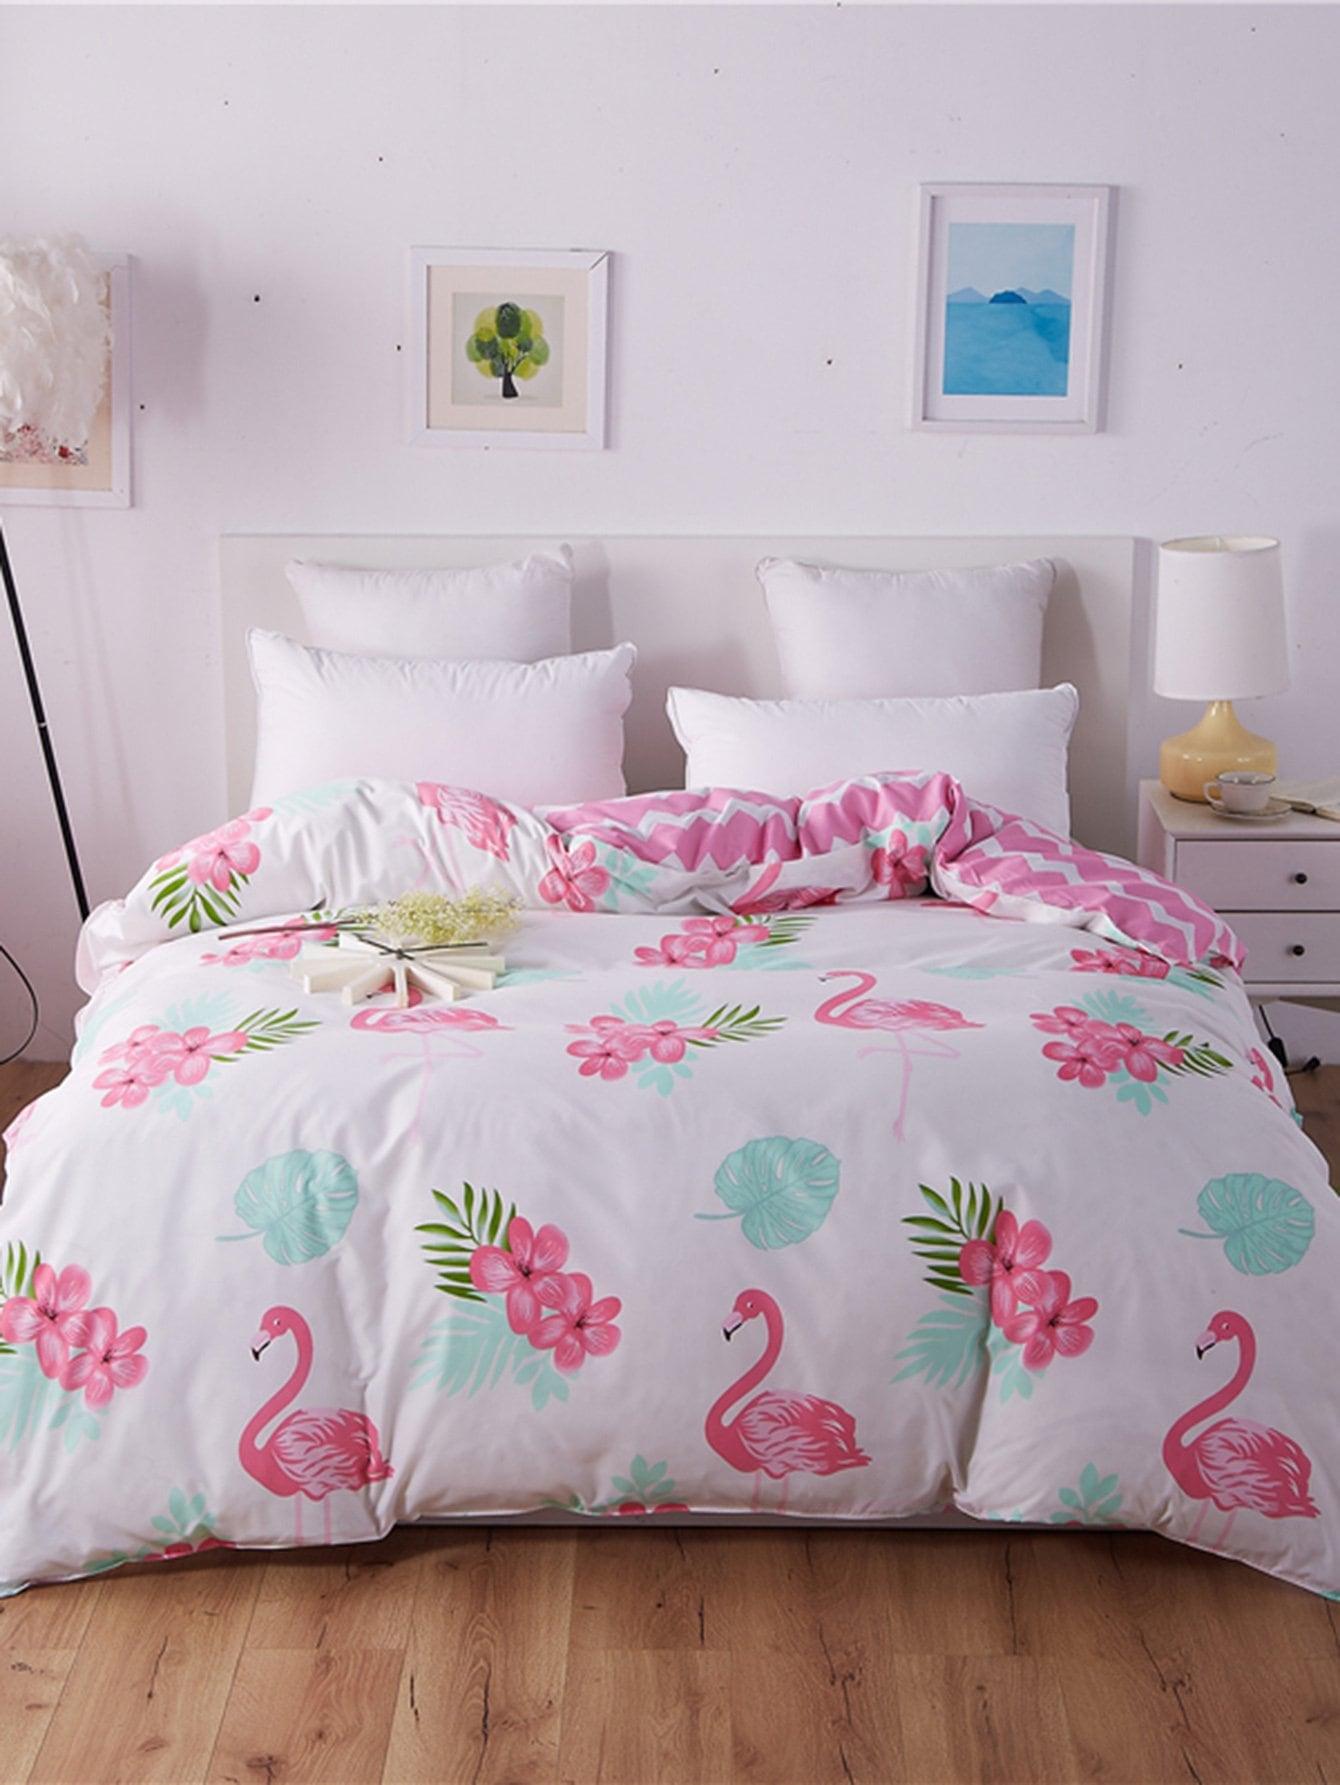 bettbezug mit flamingos und blumen muster 1pc german shein sheinside. Black Bedroom Furniture Sets. Home Design Ideas